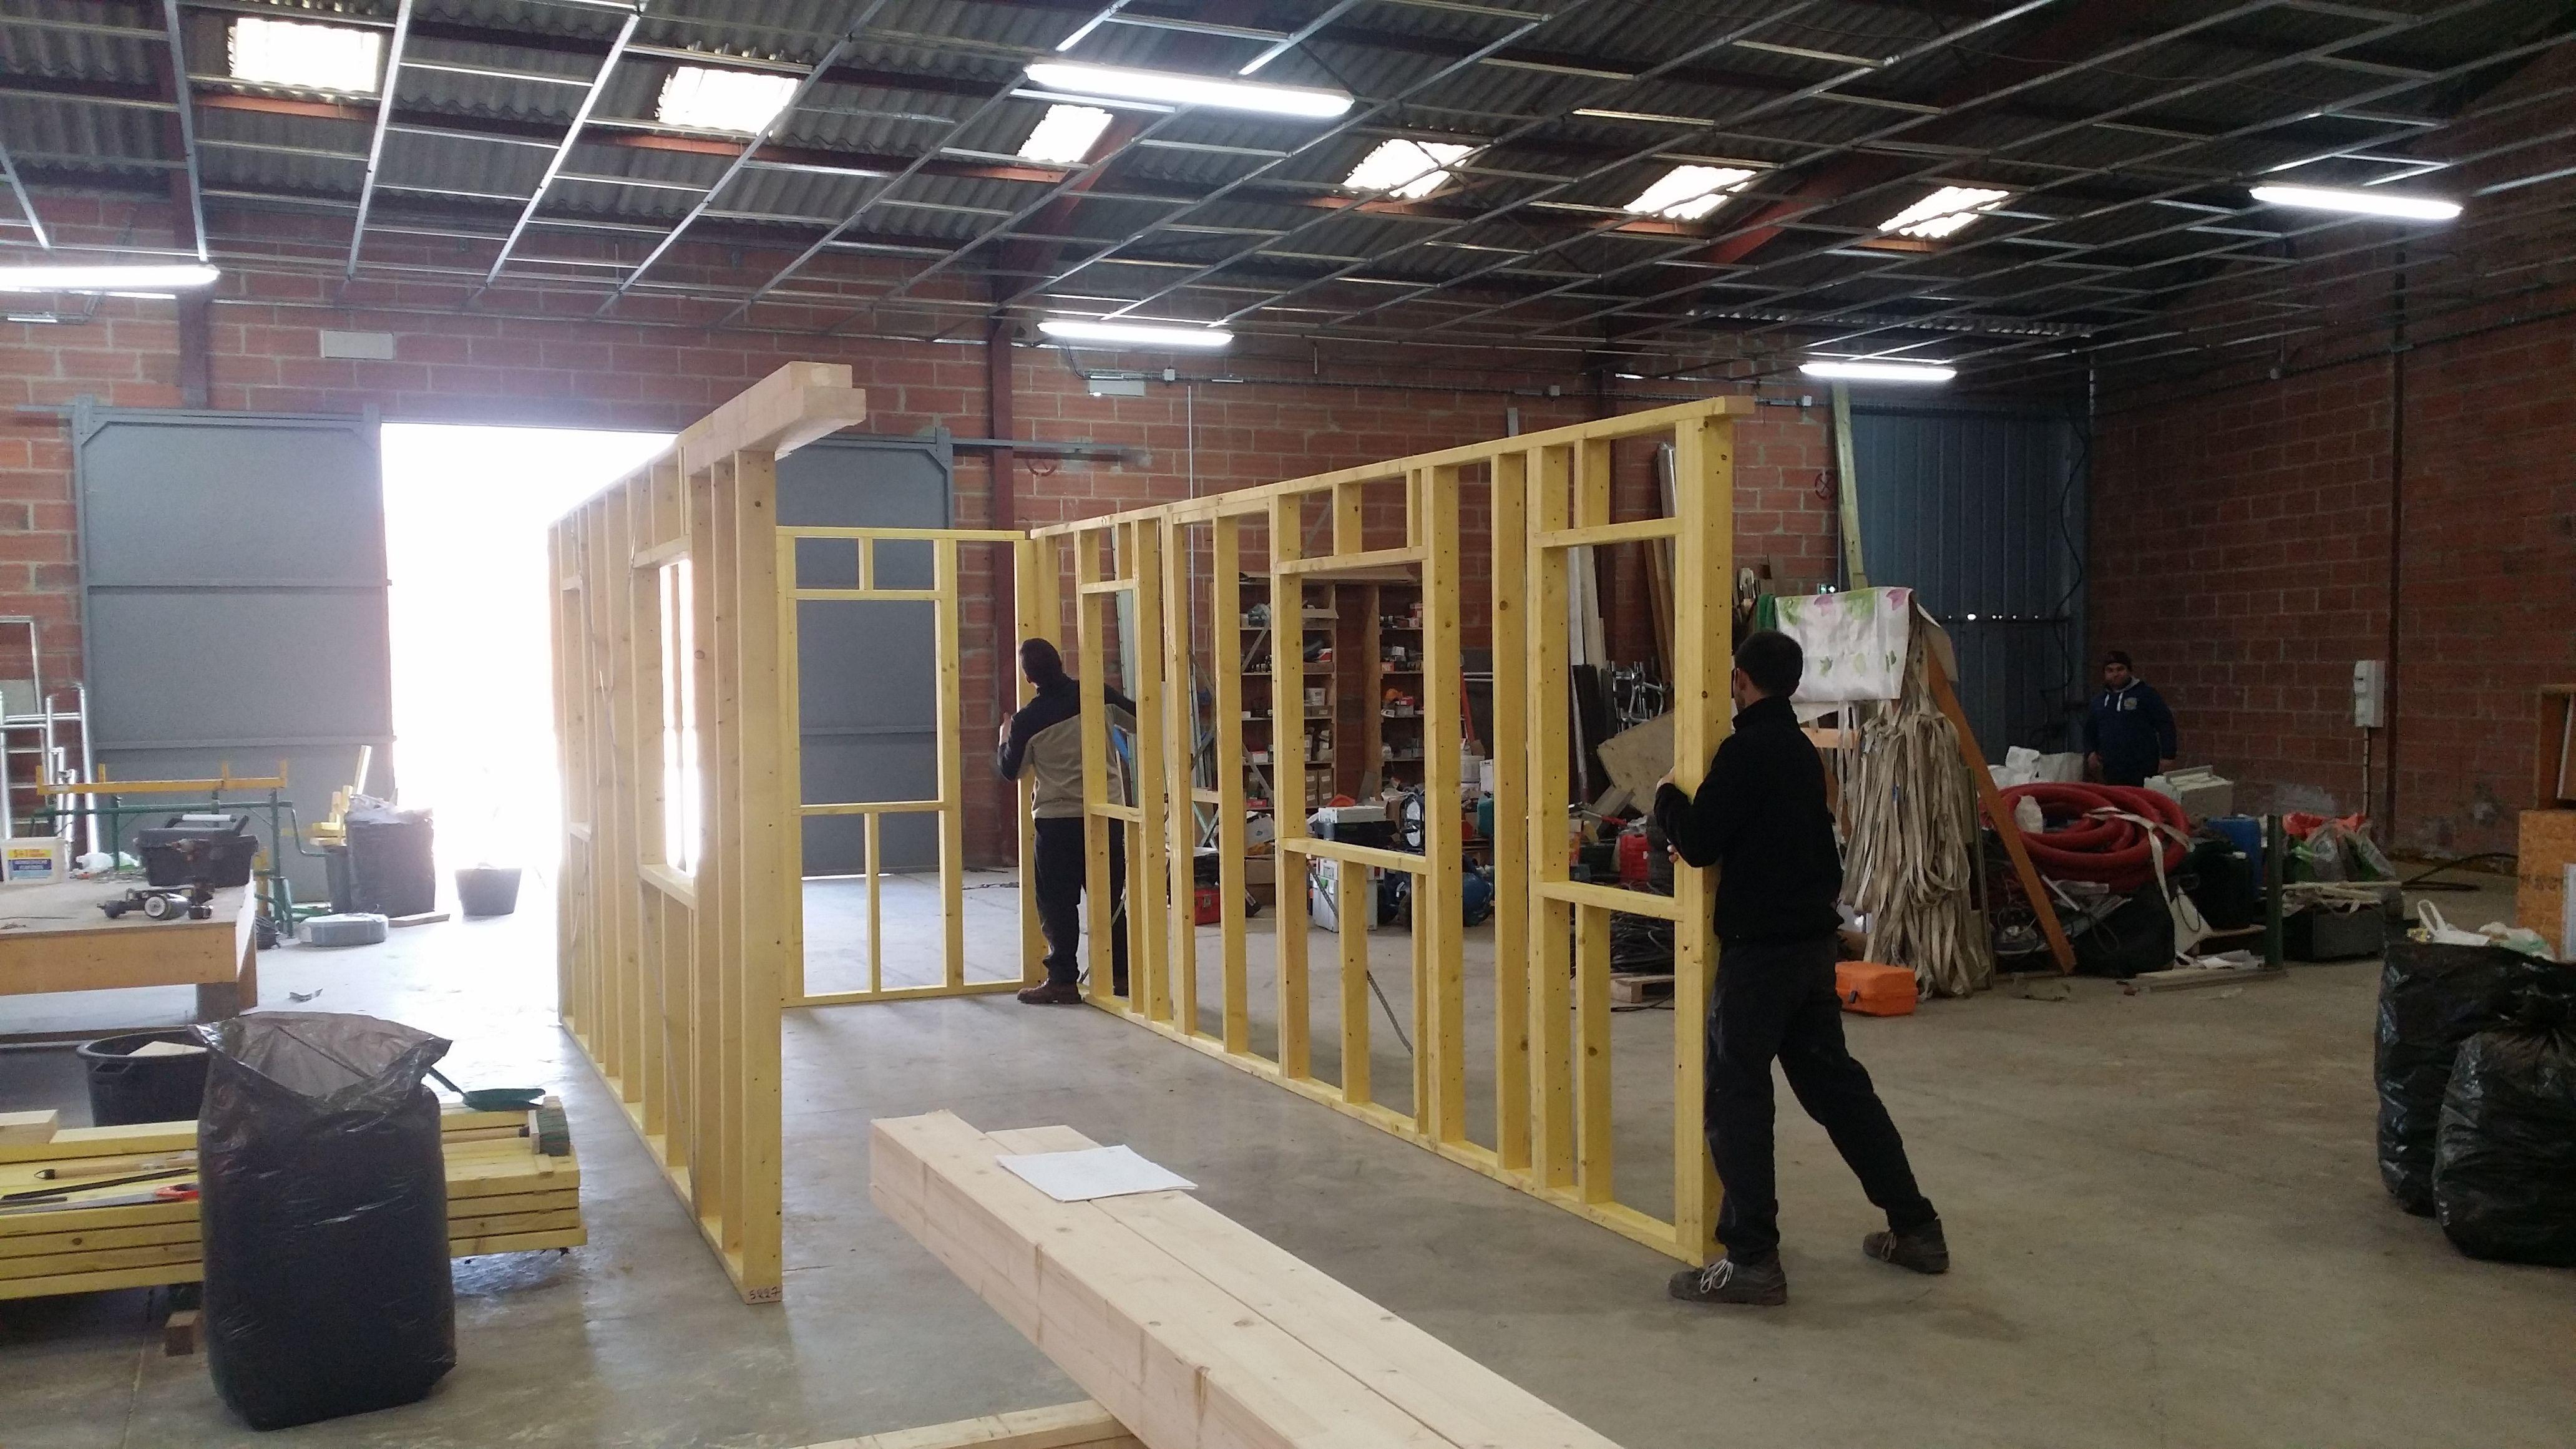 et voil d but de l 39 aventure assemblage de l 39 ossature bois de ma tiny house petite maison. Black Bedroom Furniture Sets. Home Design Ideas